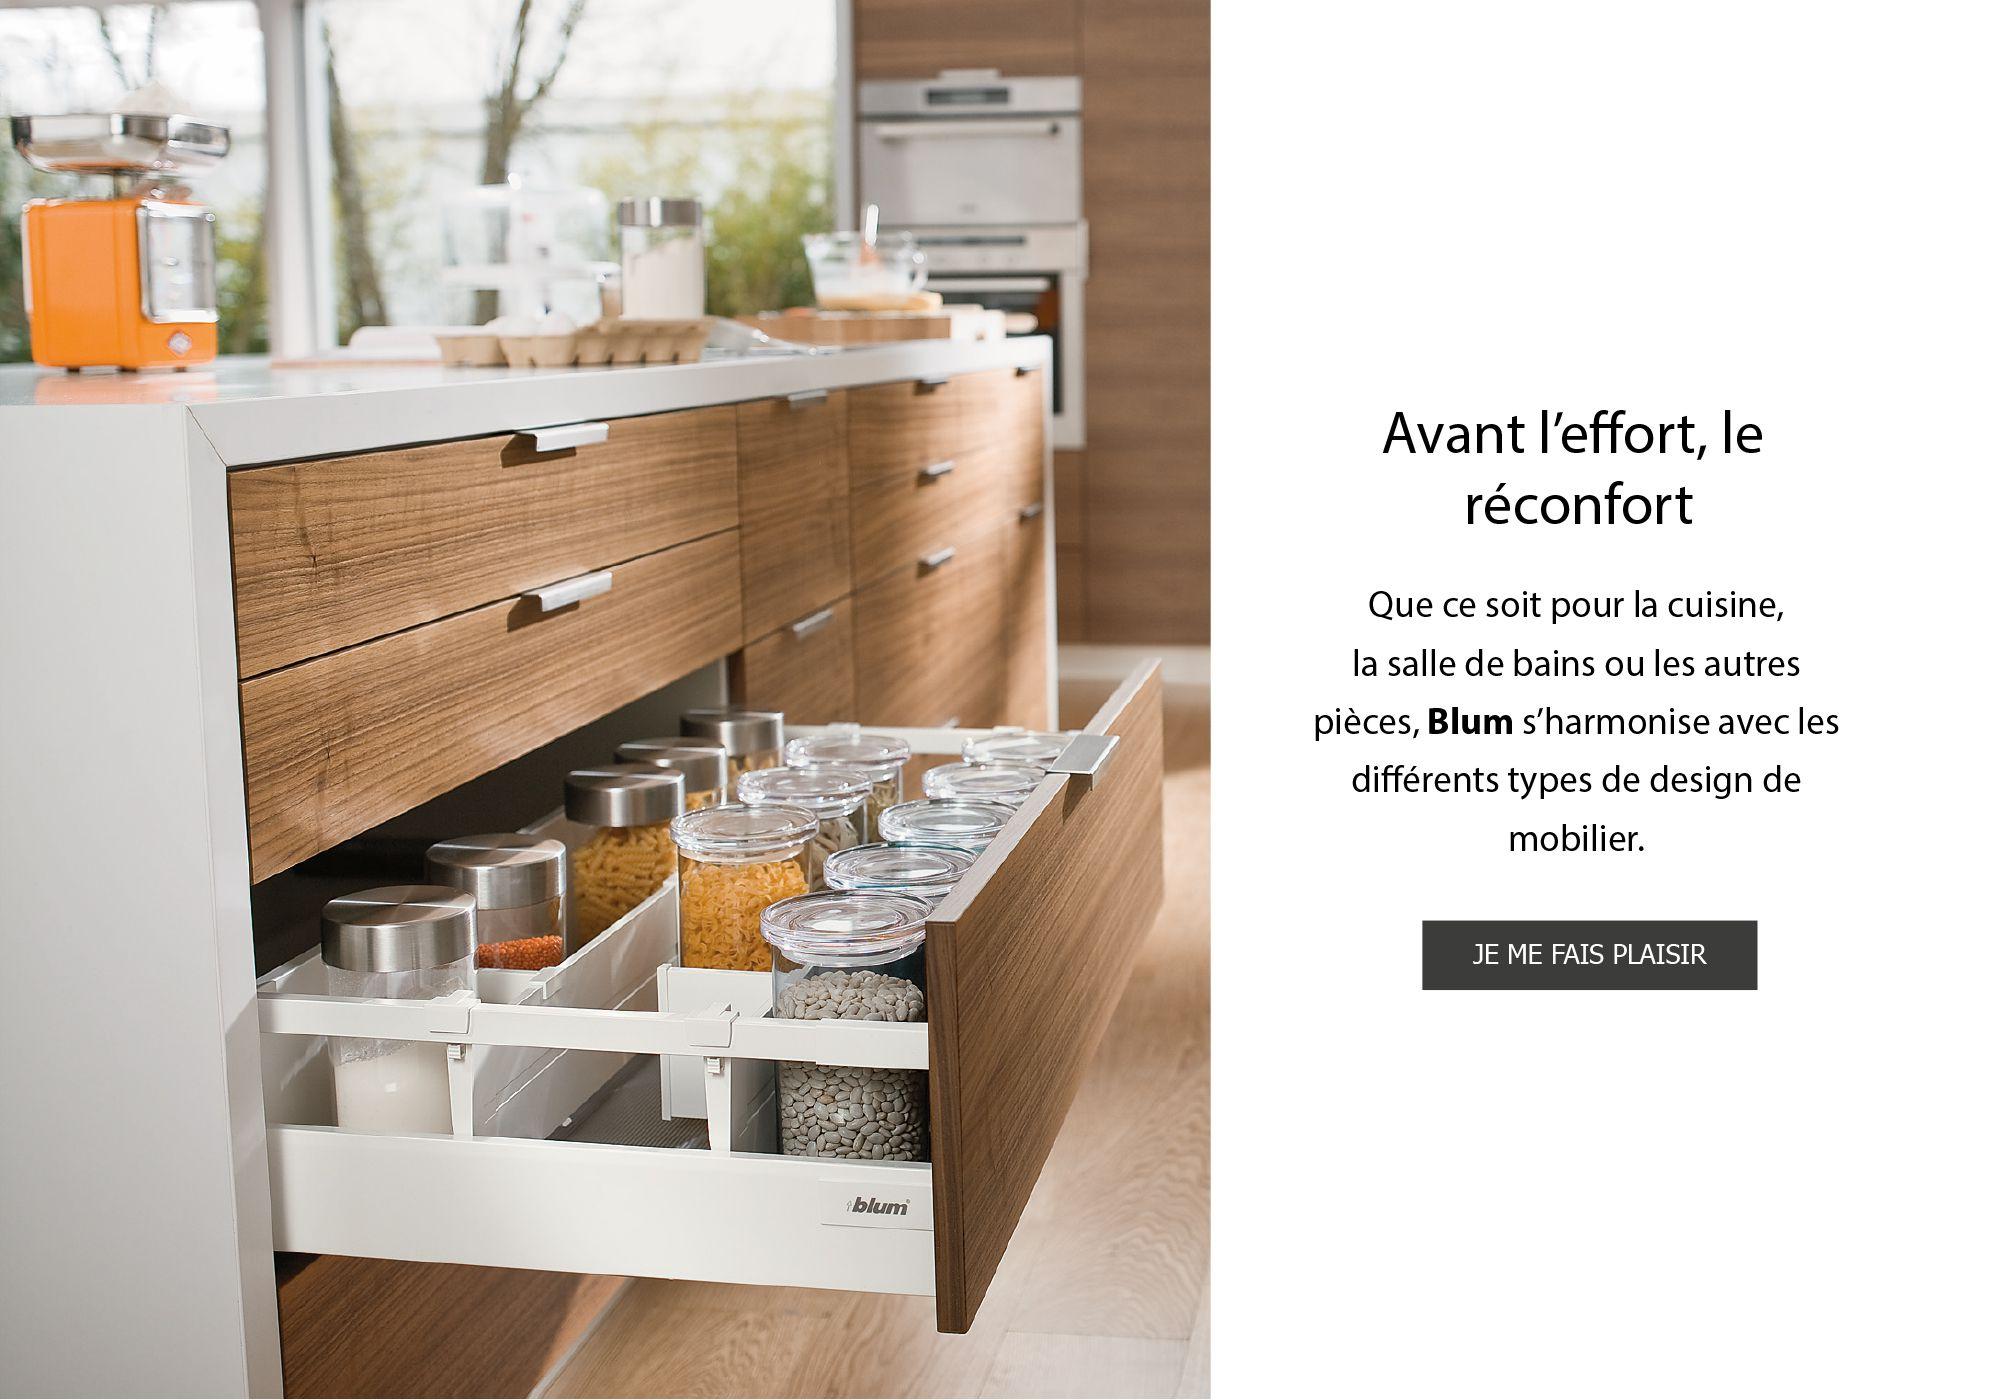 Promodar : équipements de cuisine Tunisie, salles de bains ...